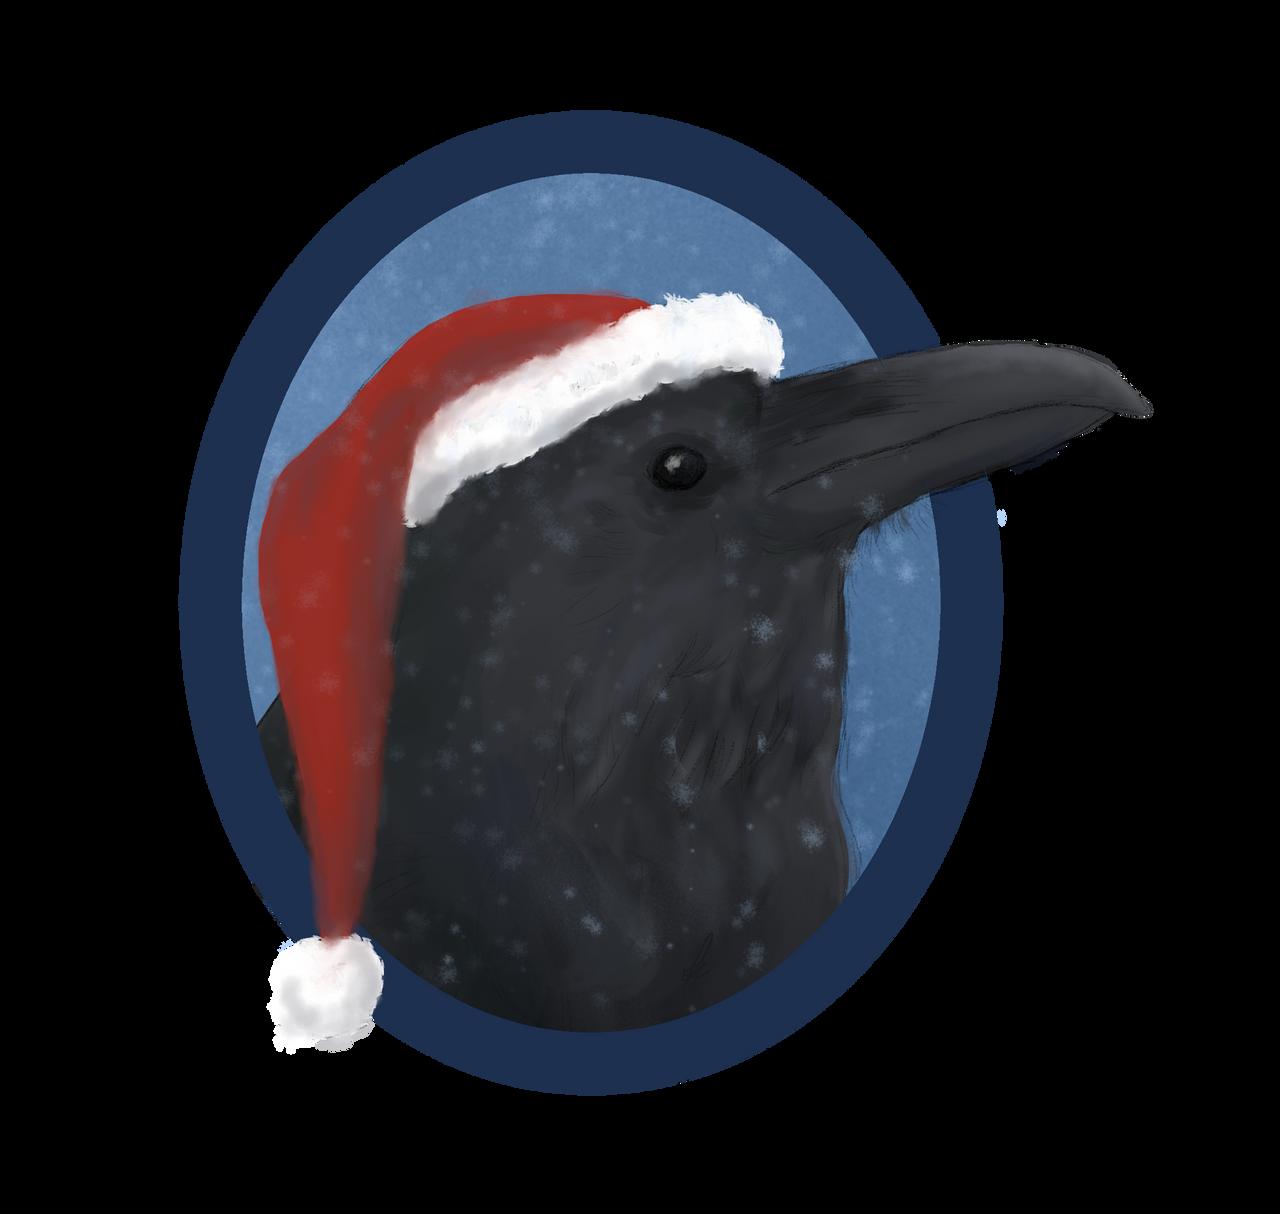 Falkes kleines Atelier Weihnachtsrabe_by_litrixum_de9w42o-fullview.png?token=eyJ0eXAiOiJKV1QiLCJhbGciOiJIUzI1NiJ9.eyJzdWIiOiJ1cm46YXBwOiIsImlzcyI6InVybjphcHA6Iiwib2JqIjpbW3siaGVpZ2h0IjoiPD0xMjE0IiwicGF0aCI6IlwvZlwvZDY5ZDE5M2UtMjM3OS00MjJjLWE2NTEtMDdiNGQyYzBlOWU1XC9kZTl3NDJvLWFiM2E3NzM2LWZhY2ItNDJkZi1hN2RhLTA5M2M4NDg3MzM4NC5wbmciLCJ3aWR0aCI6Ijw9MTI4MCJ9XV0sImF1ZCI6WyJ1cm46c2VydmljZTppbWFnZS5vcGVyYXRpb25zIl19